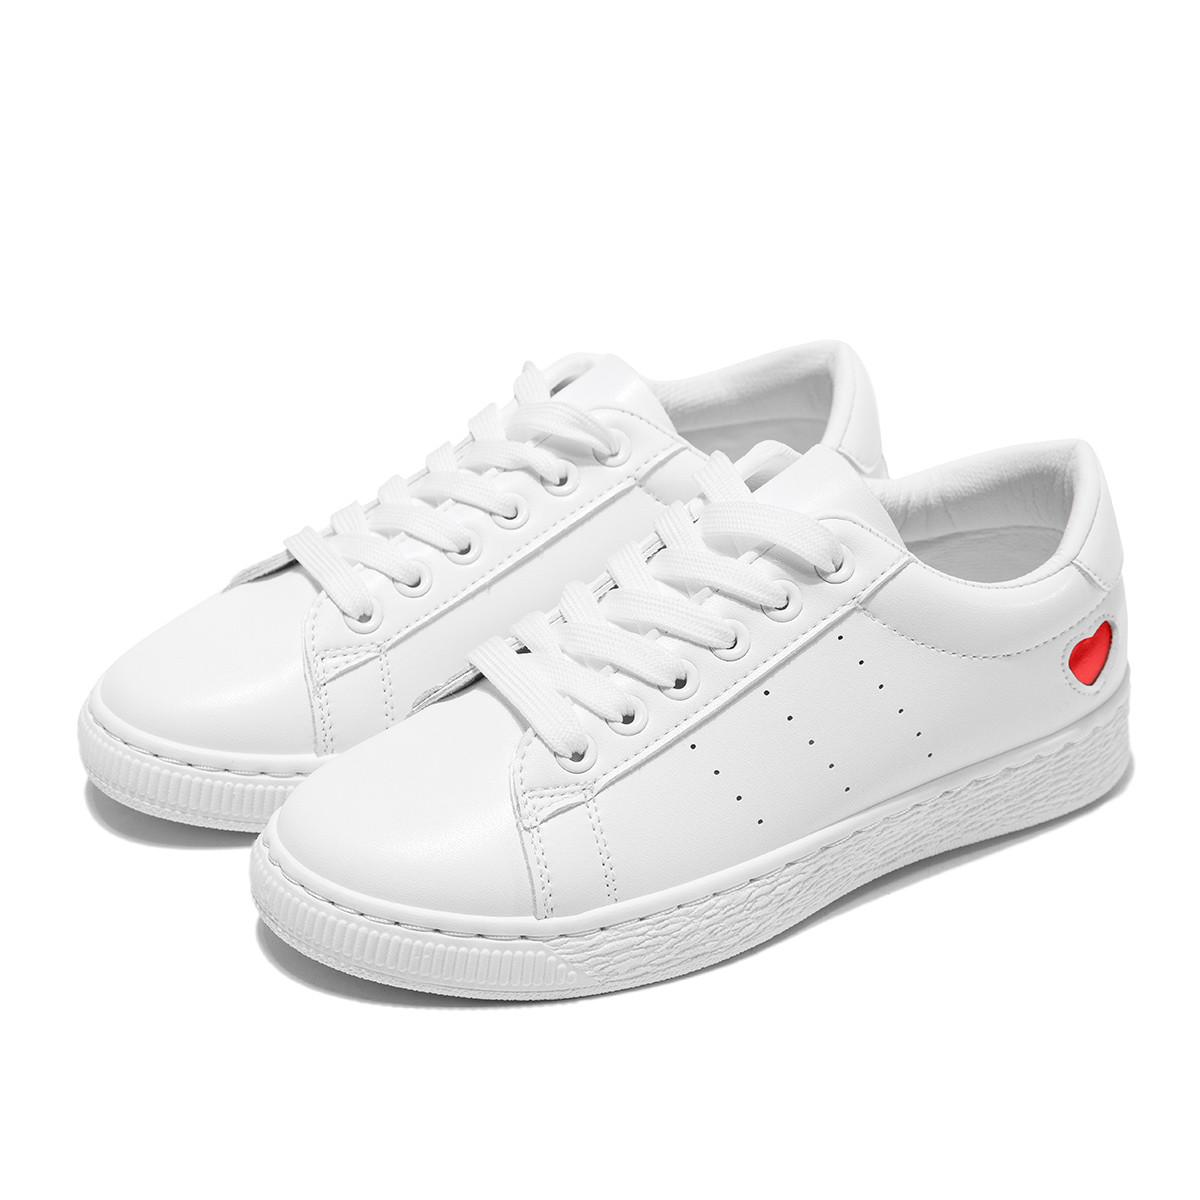 奥康奥康女鞋 2019年新款爱心简约小白鞋板鞋日常休闲系带196423099